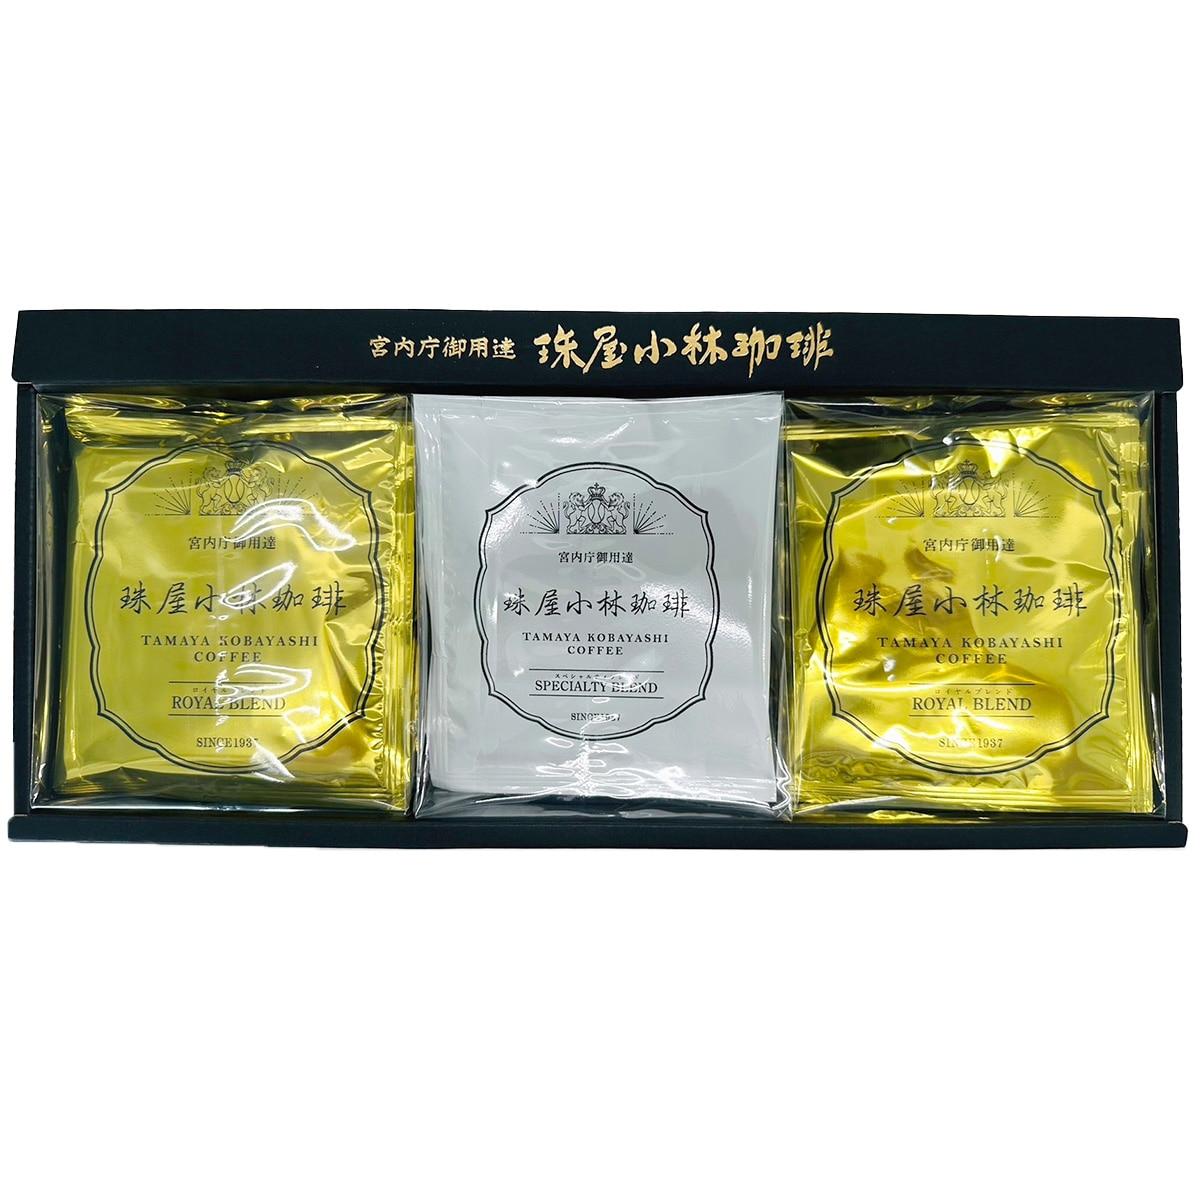 珠屋珈琲 宮内庁御用達 珠屋小林珈琲ドリップコーヒーギフト3